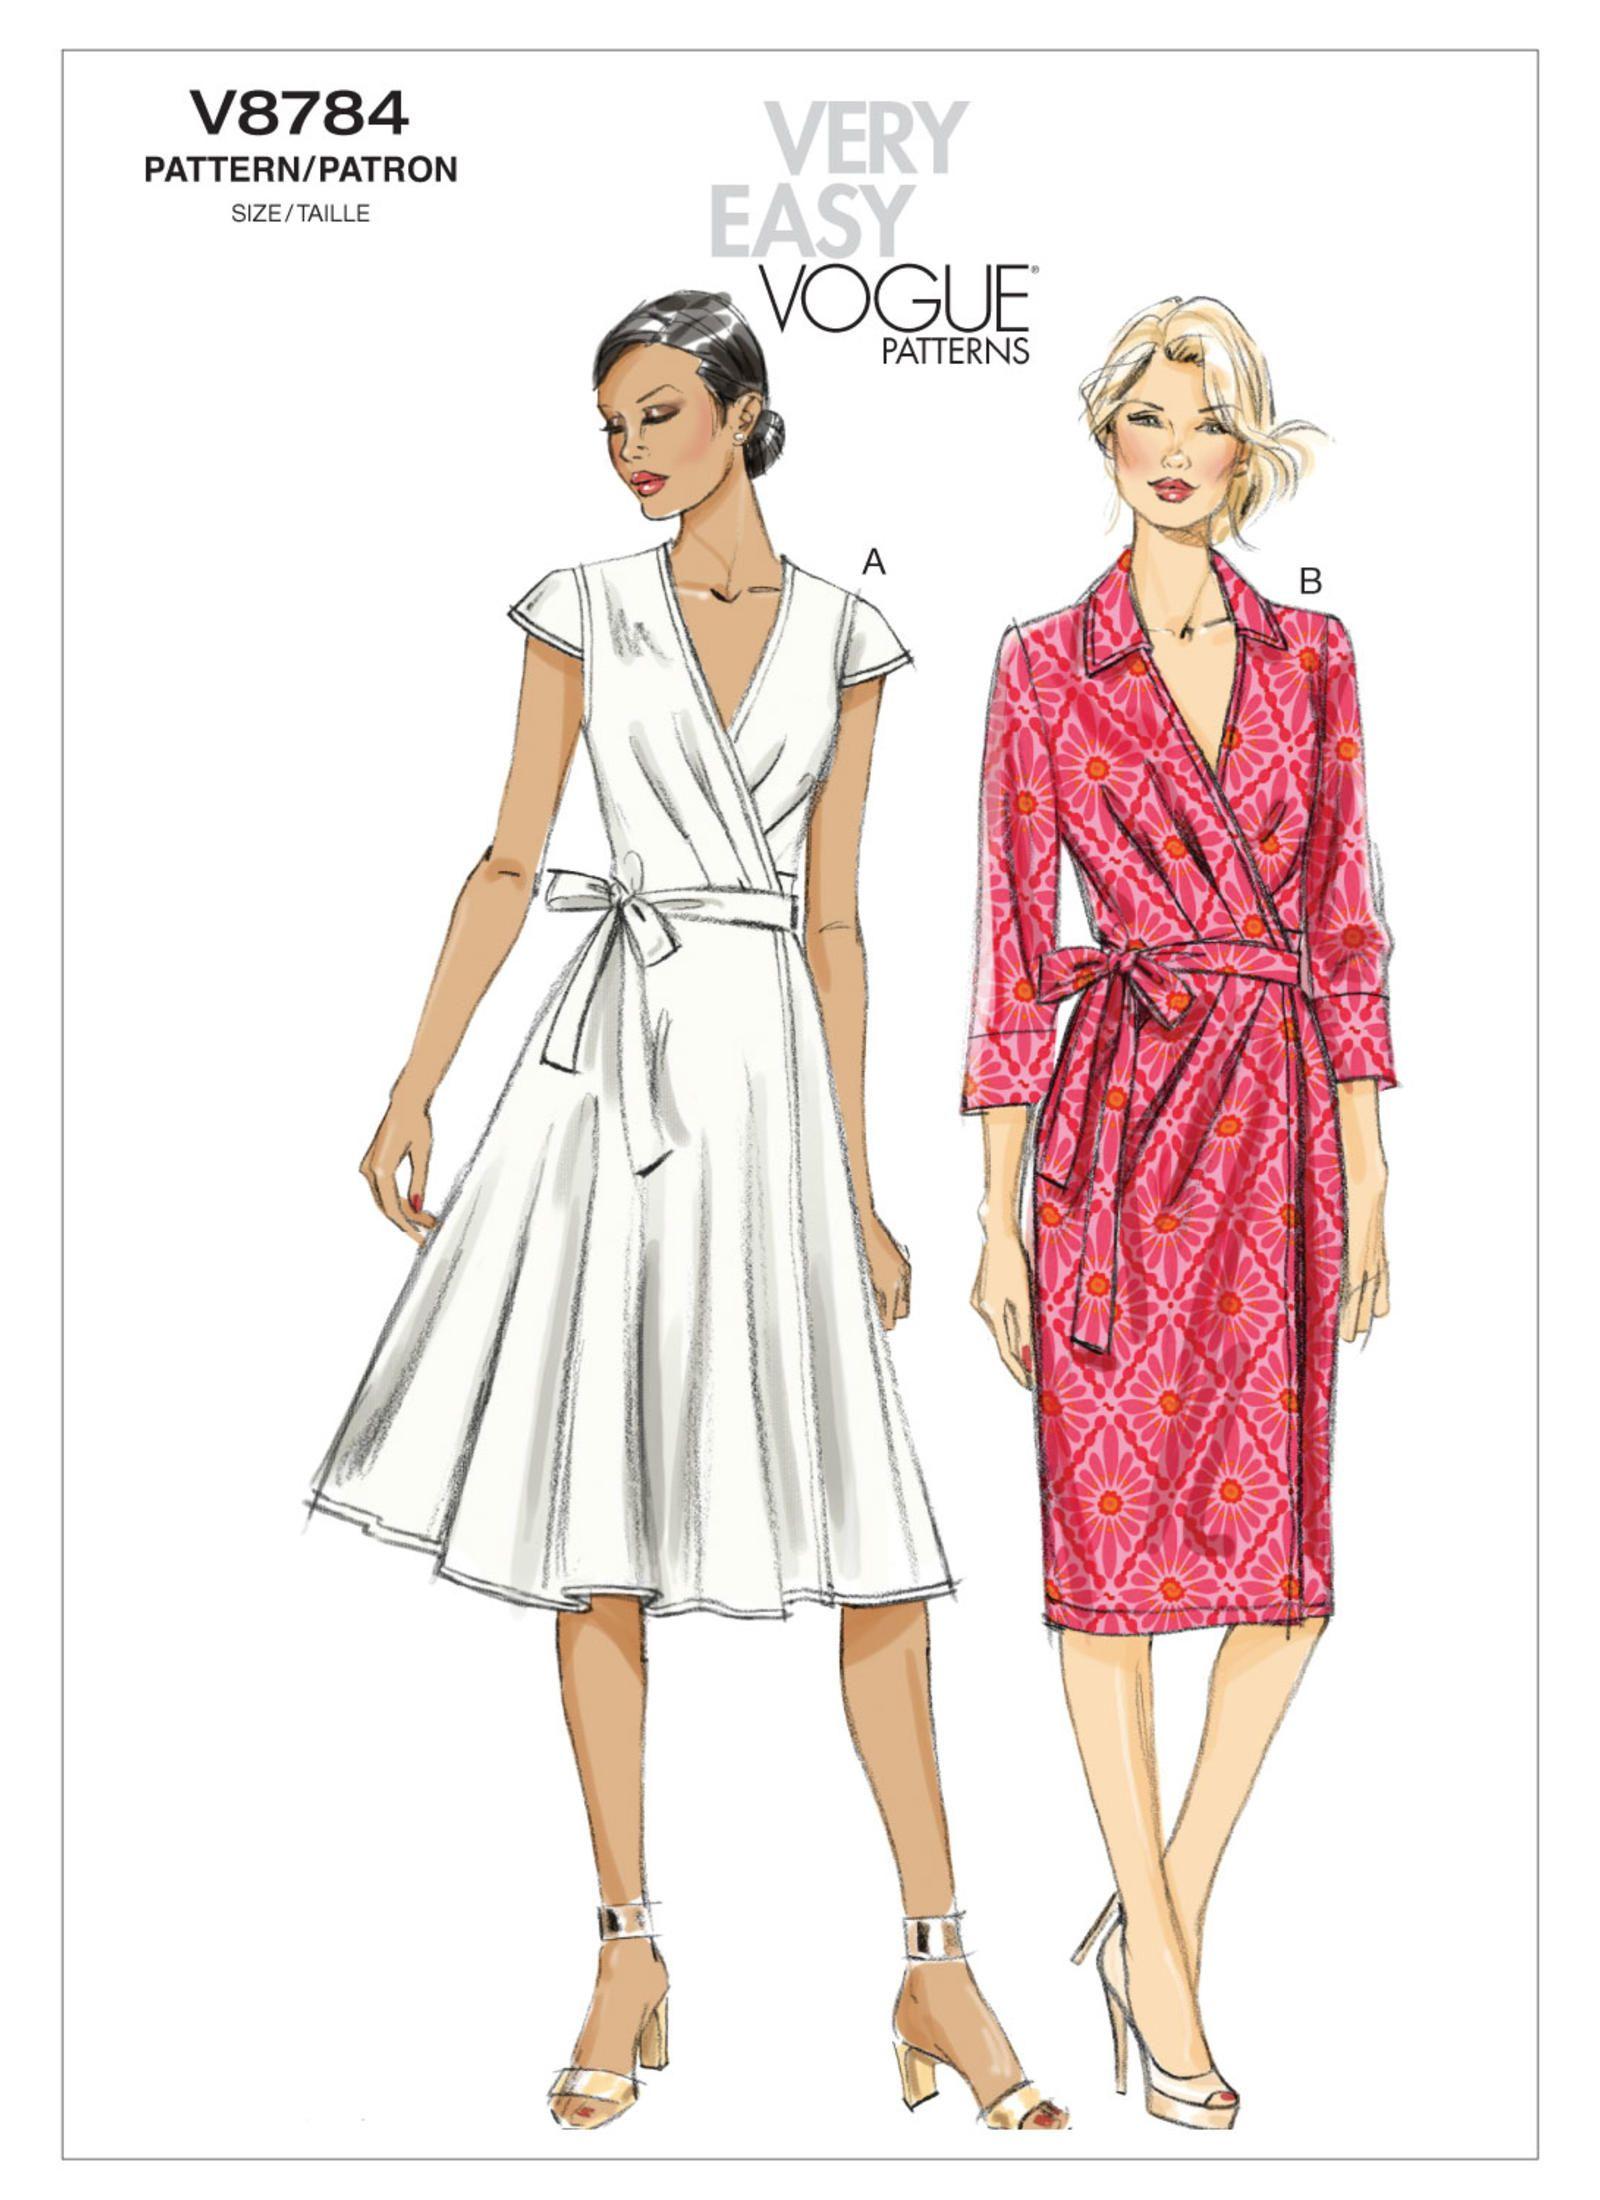 V8784 Wrap Dress Sewing Patterns Wrap Dress Pattern Vogue Dress Patterns [ 2200 x 1600 Pixel ]